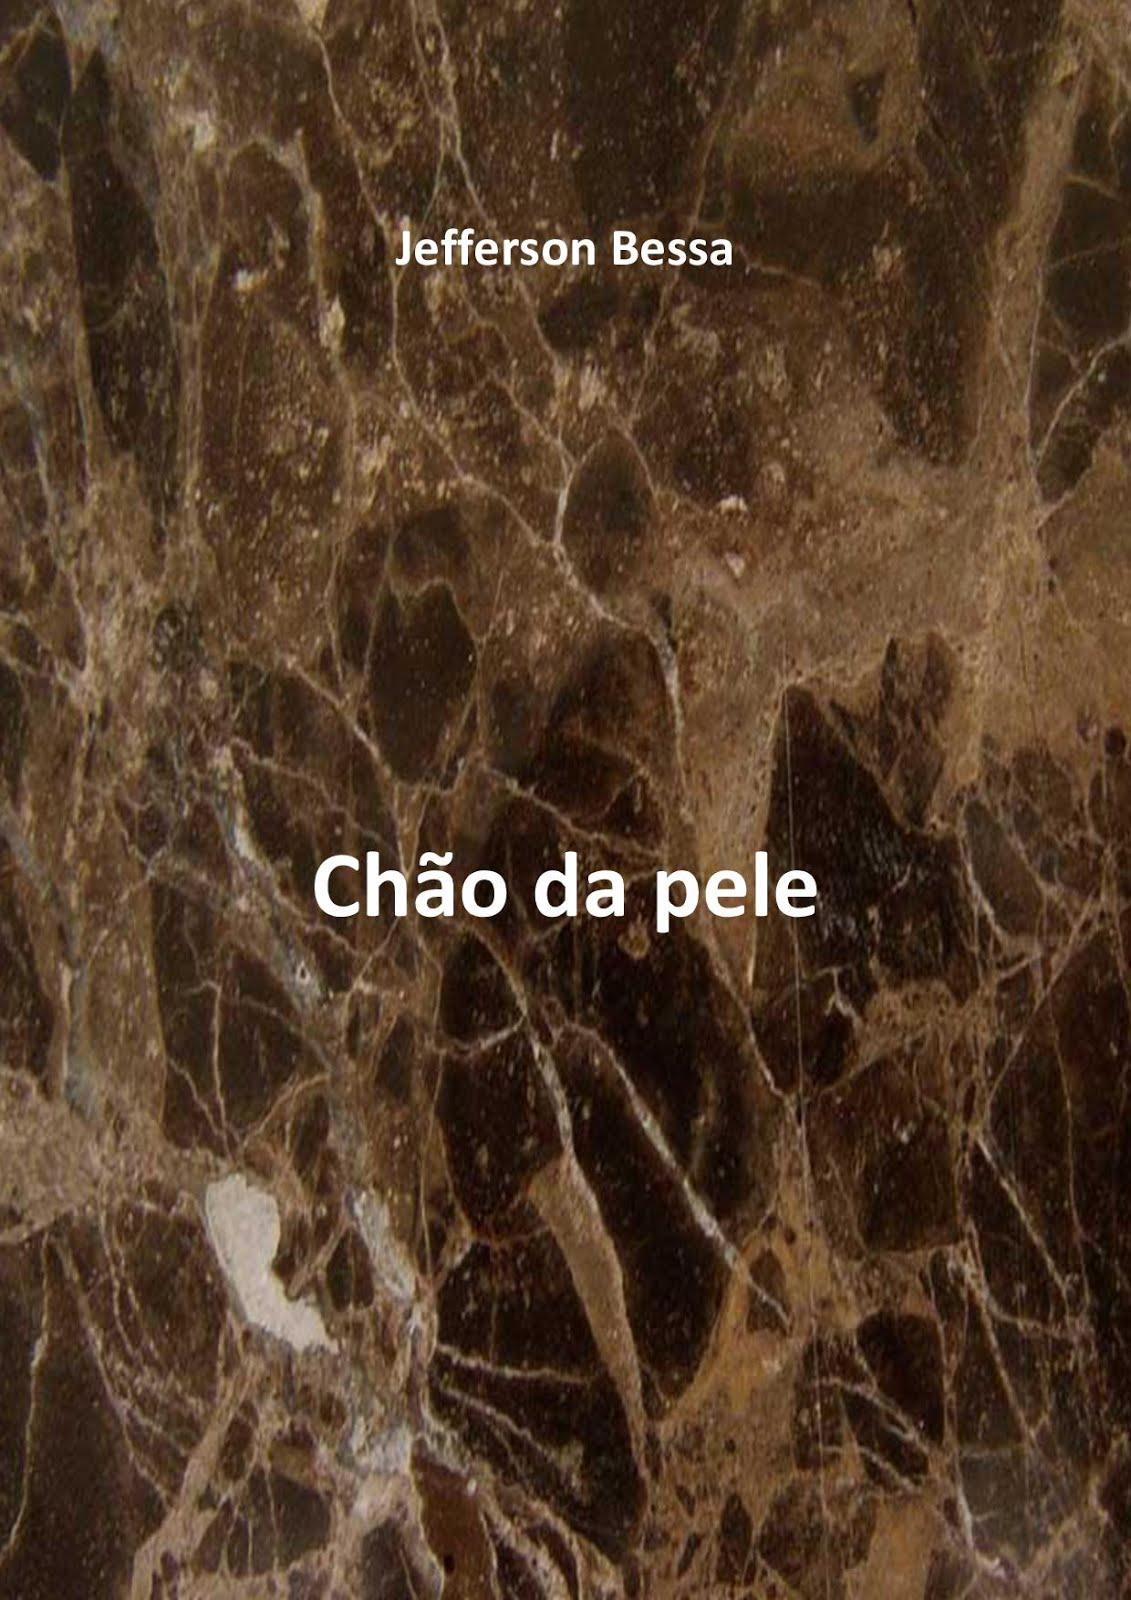 """""""CHÃO DA PELE"""": SEGUNDO E-LIVRO DE JEFFERSON BESSA"""